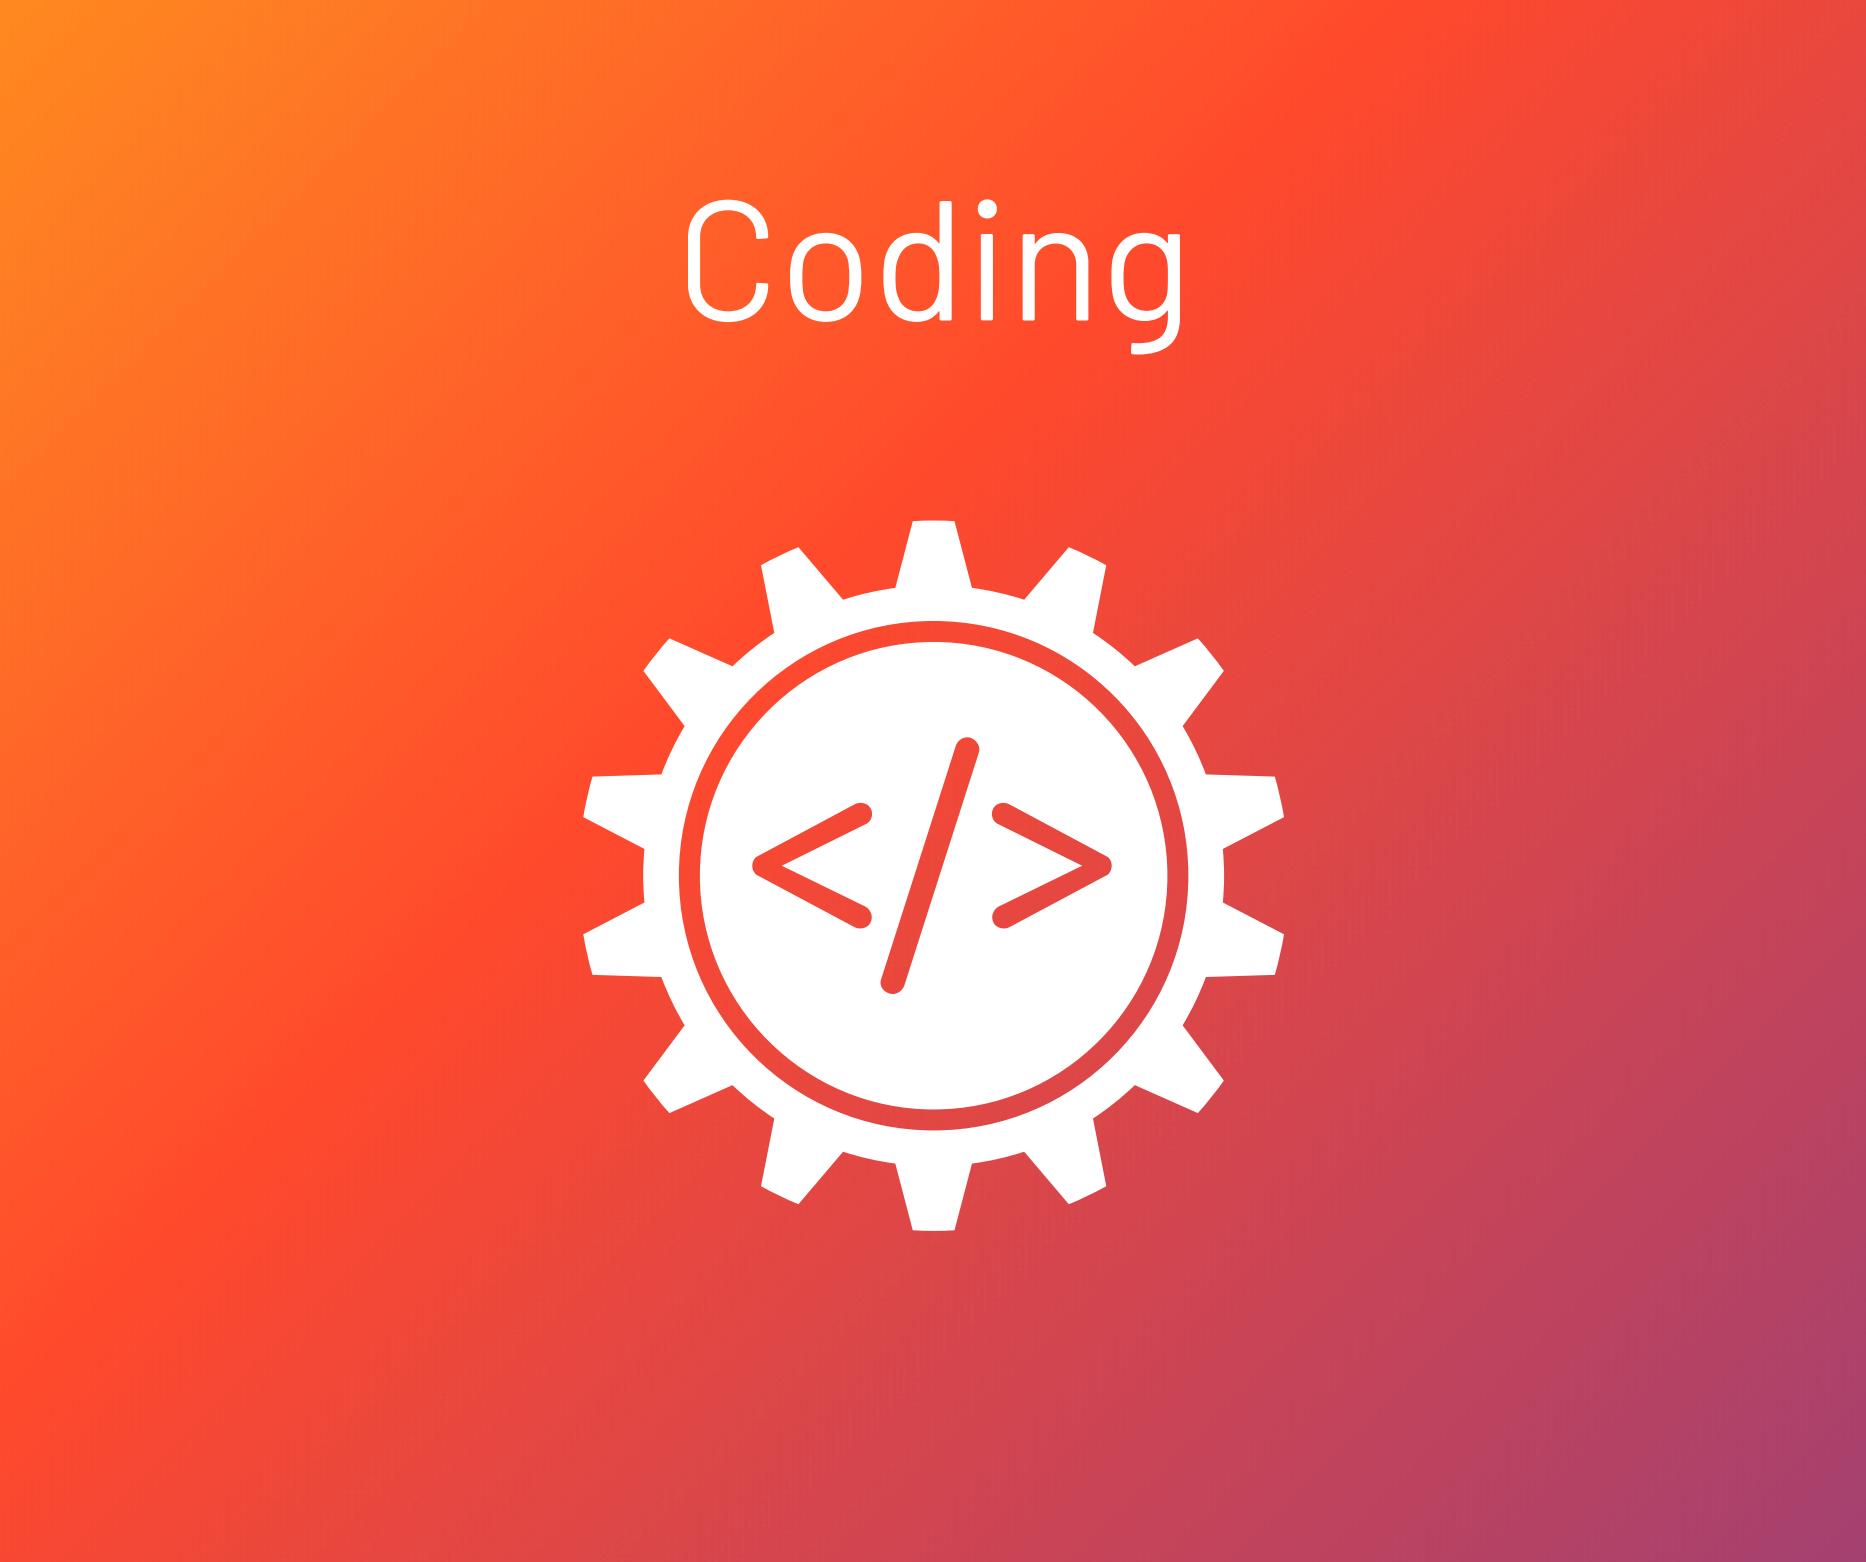 Coding for Websites